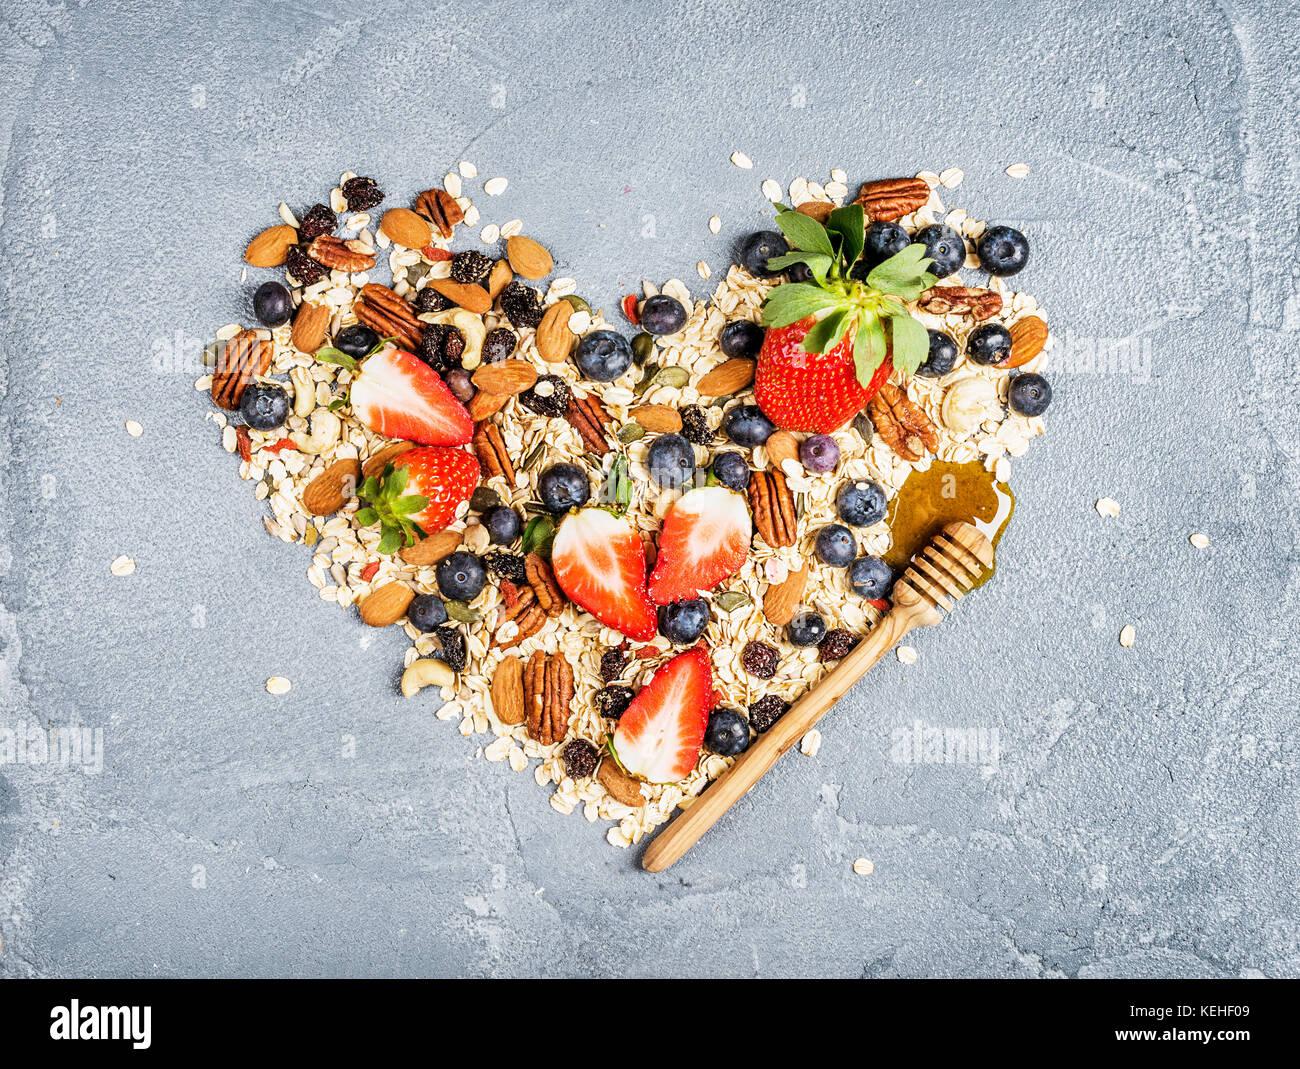 Ingredienti per la cottura di una sana prima colazione in forma di cuore le fragole, mirtilli, dadi, fiocchi d'avena, Immagini Stock